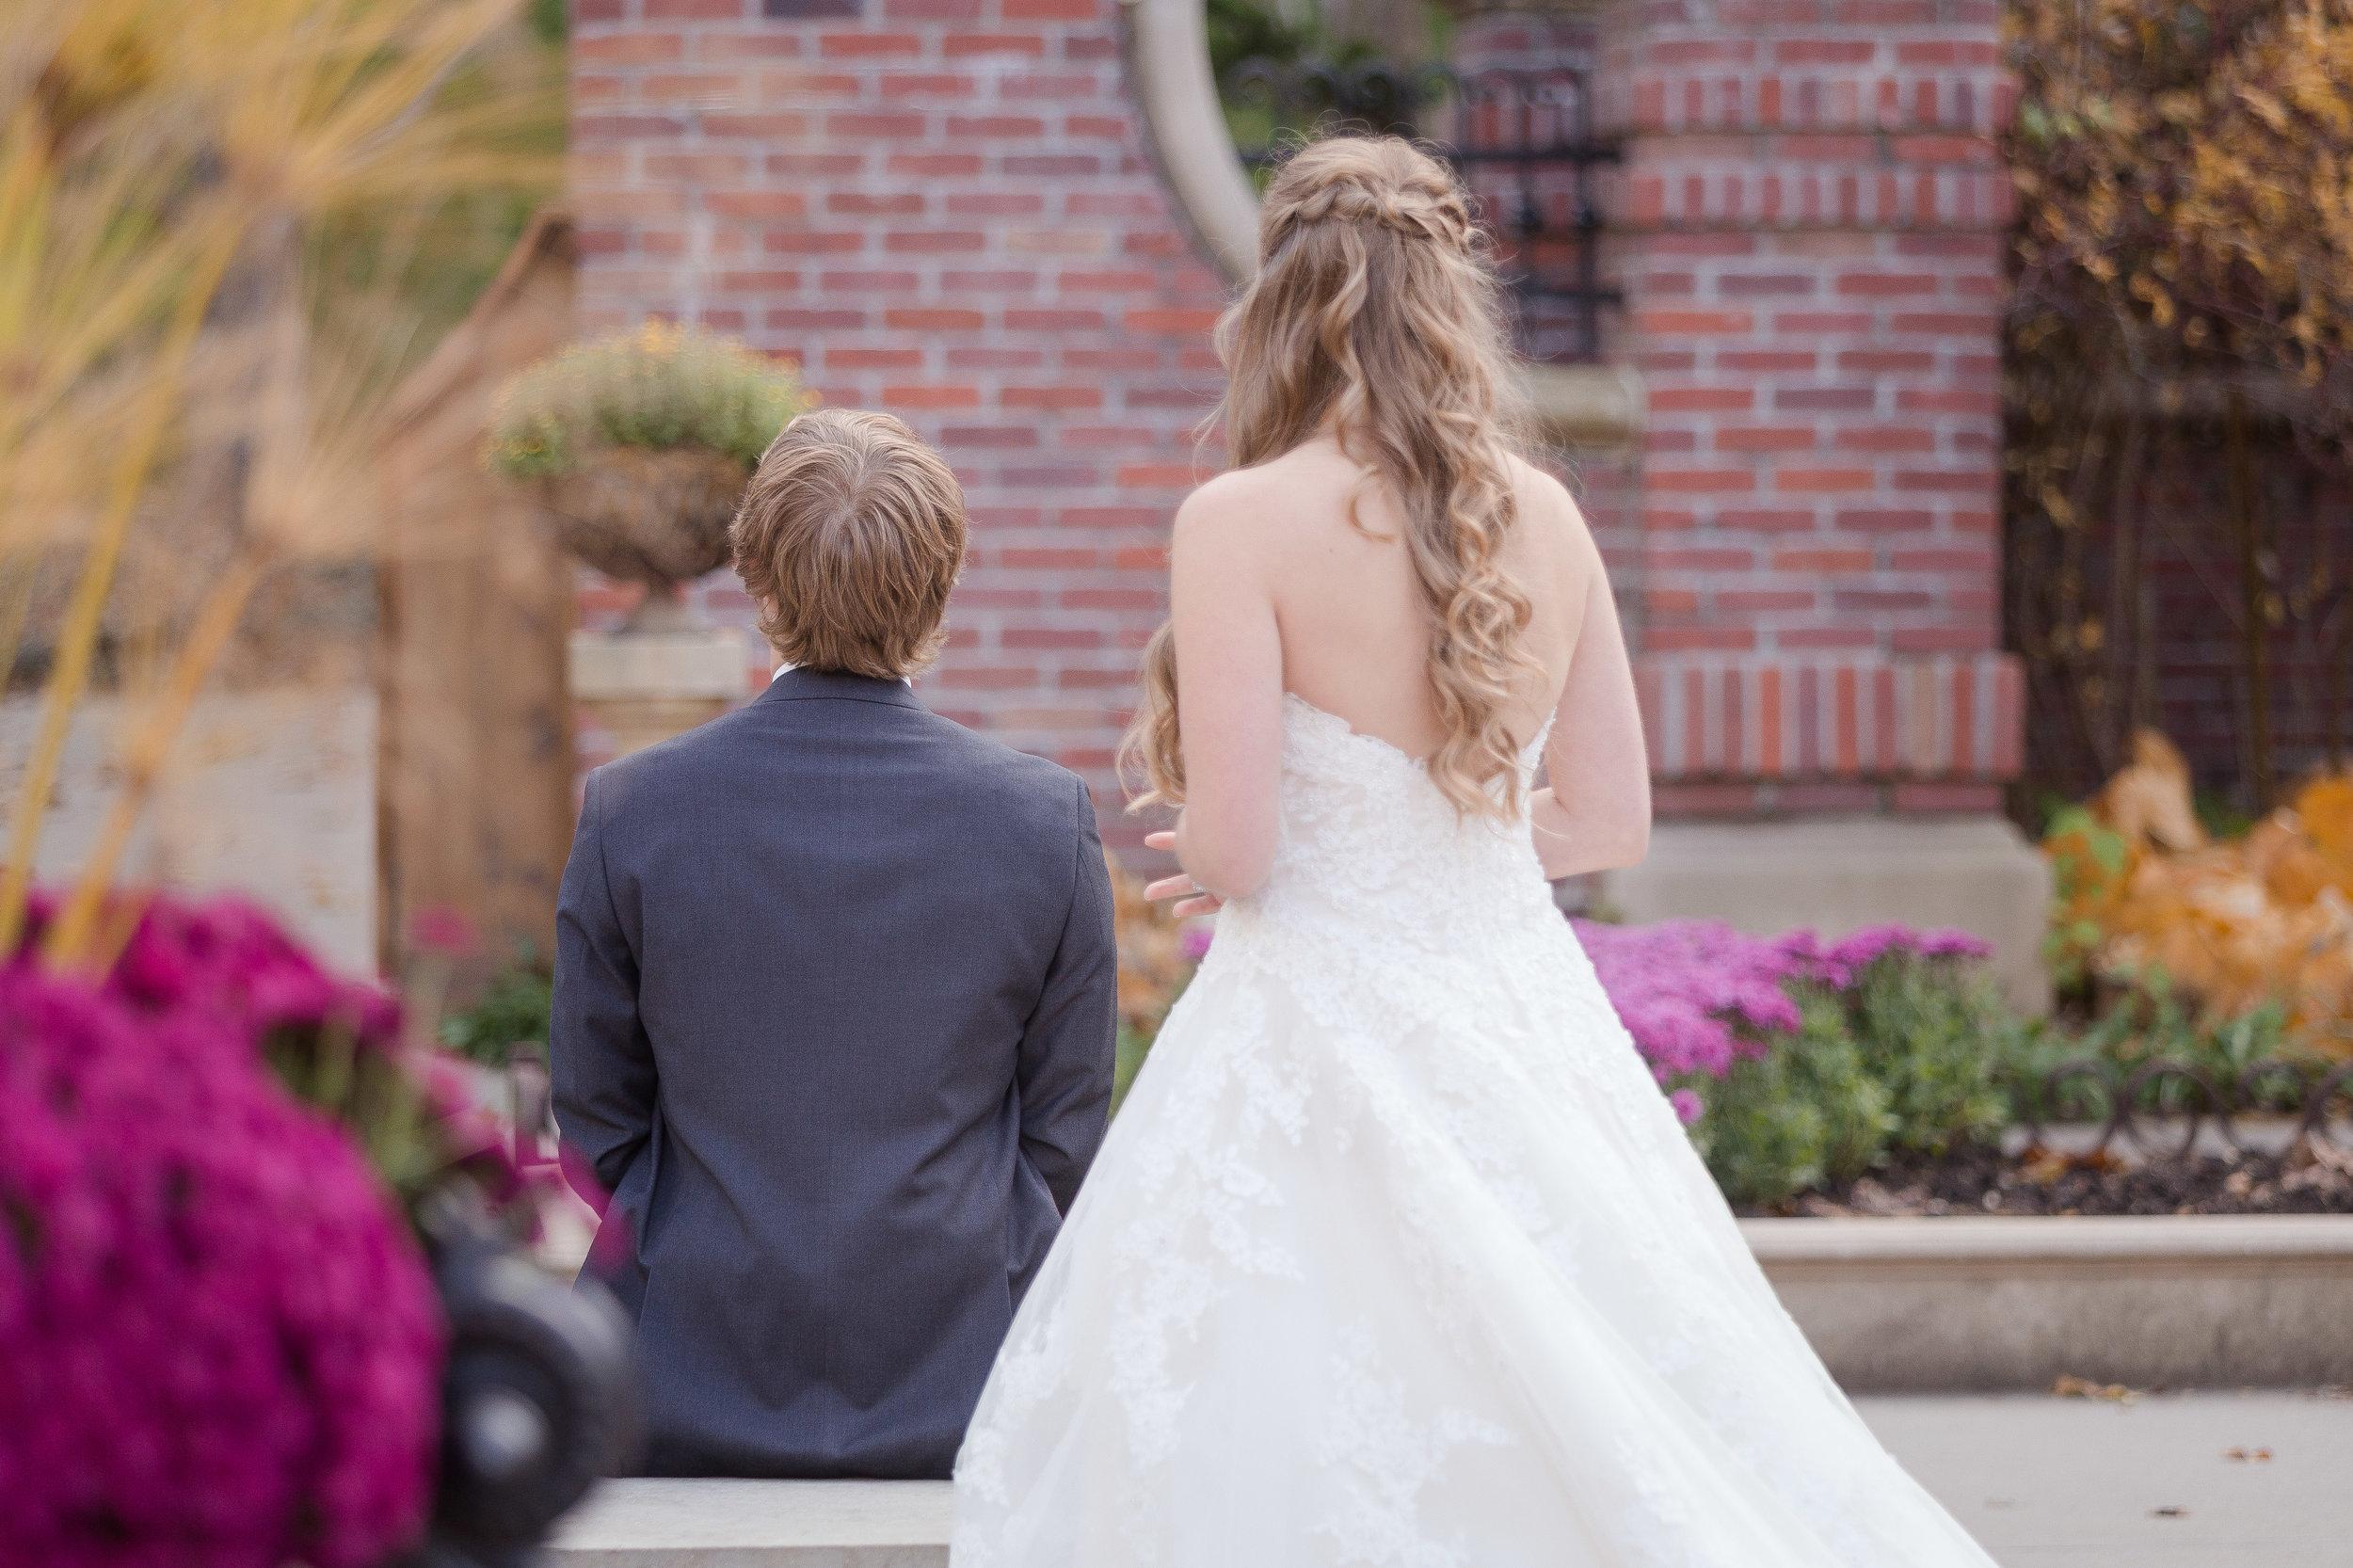 C_Wedding_Spellman, Megan & Tyler_10.27.18-647.JPG